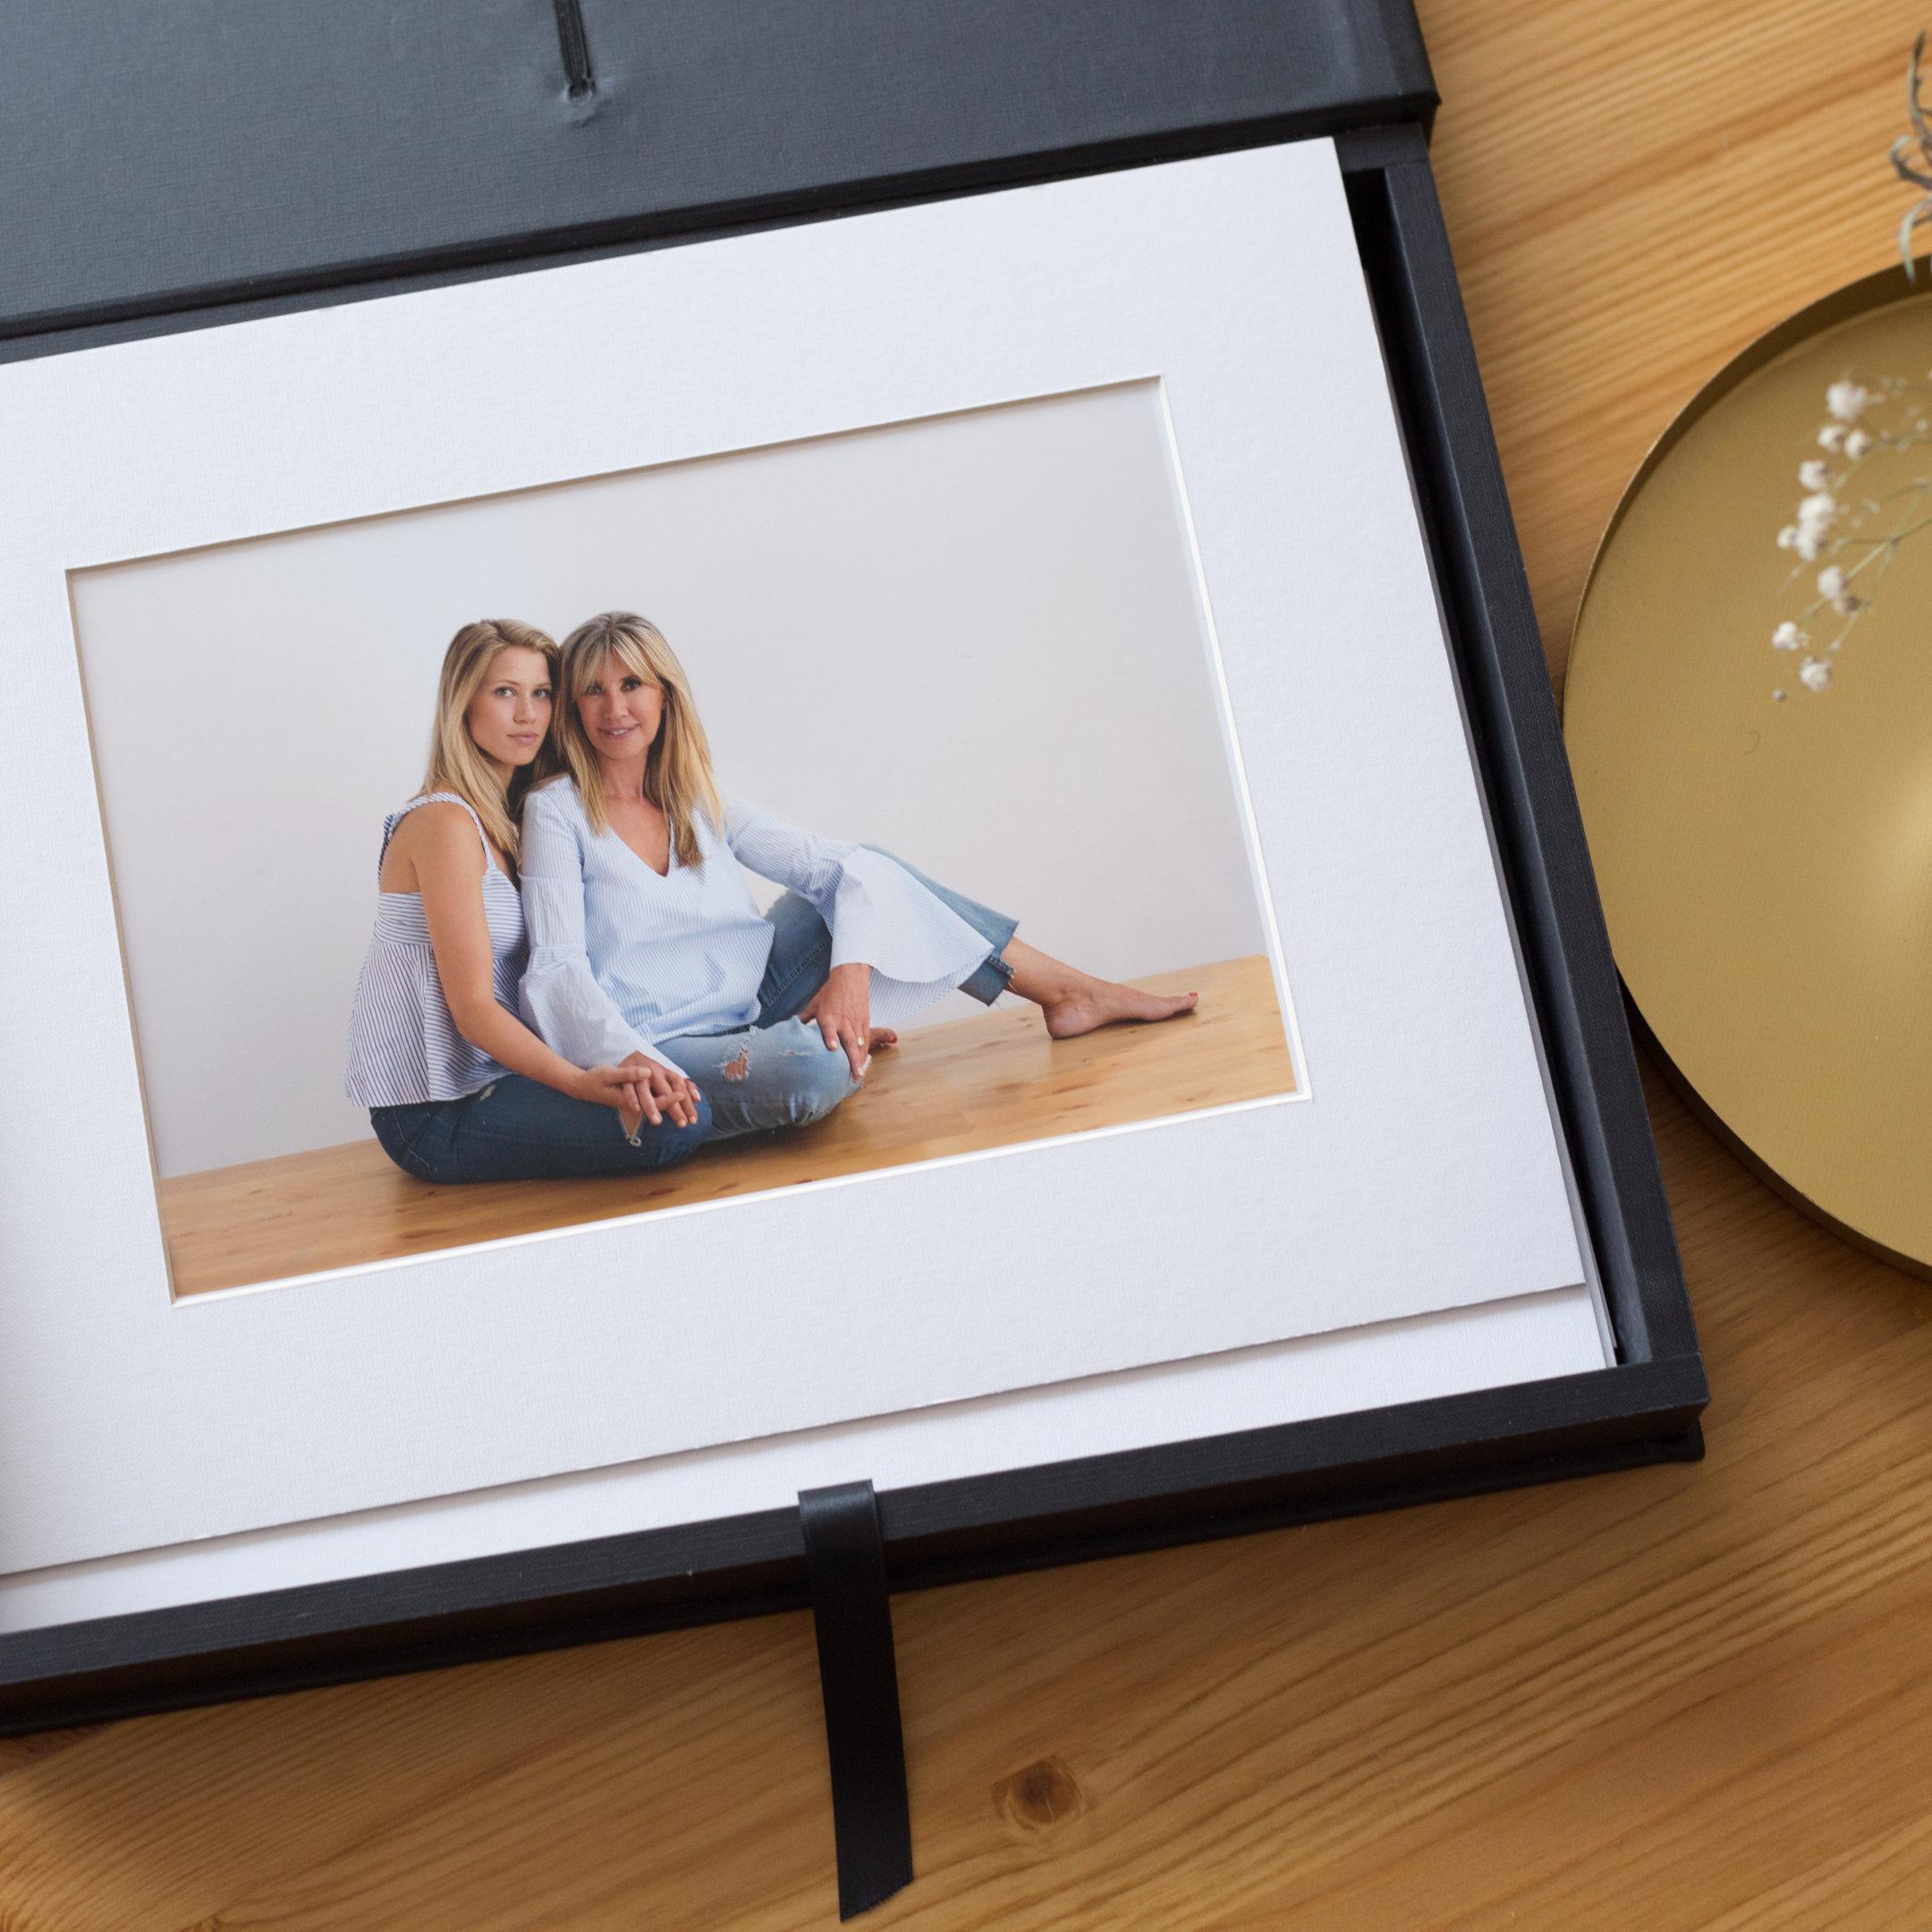 fotos en familia para recordar